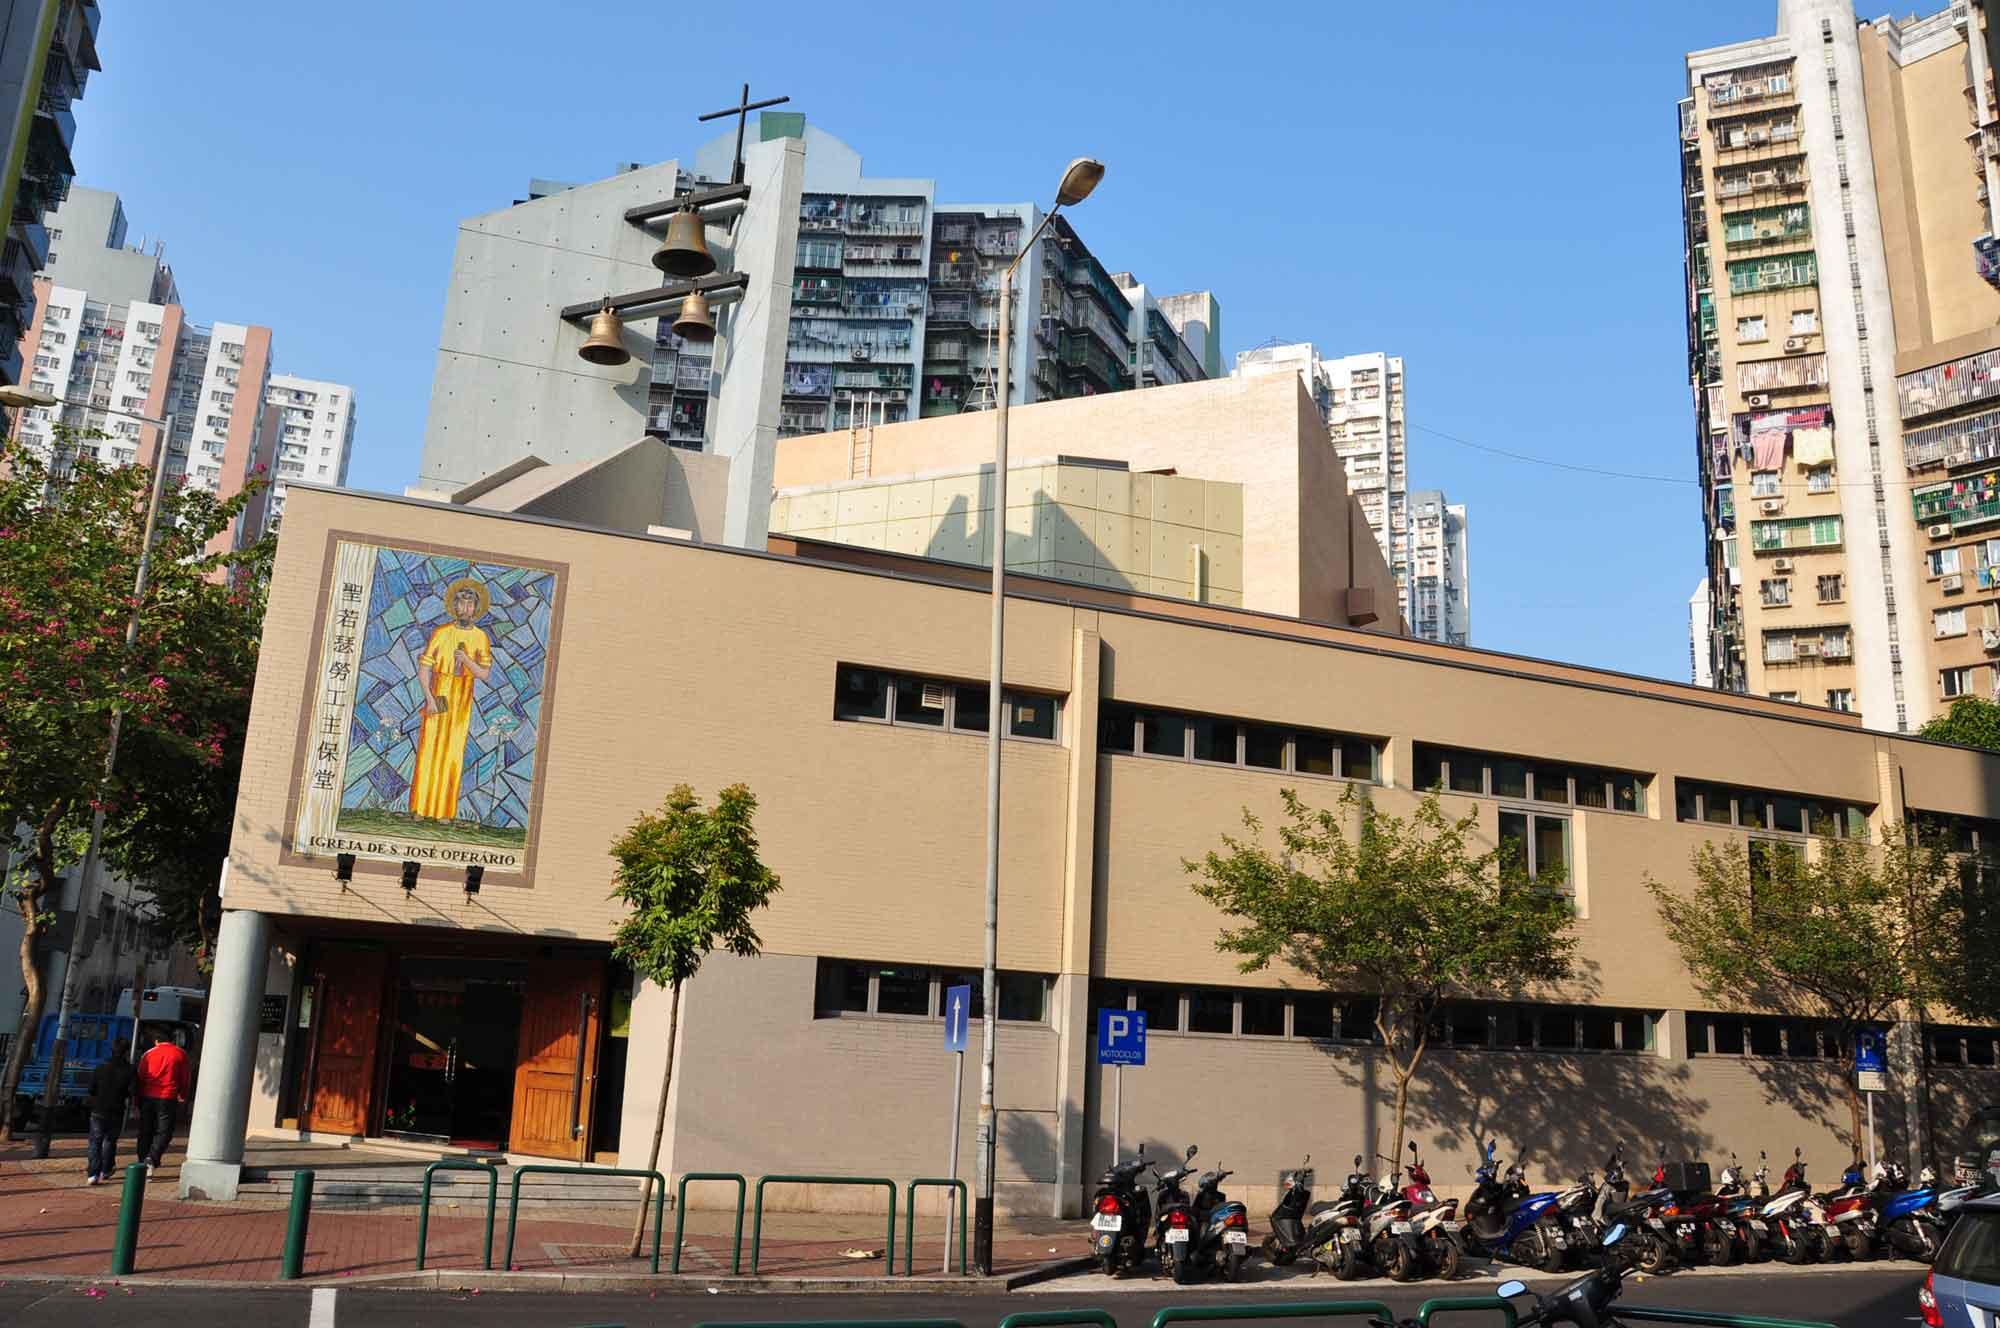 Macau Churches: St. Joseph the Worker